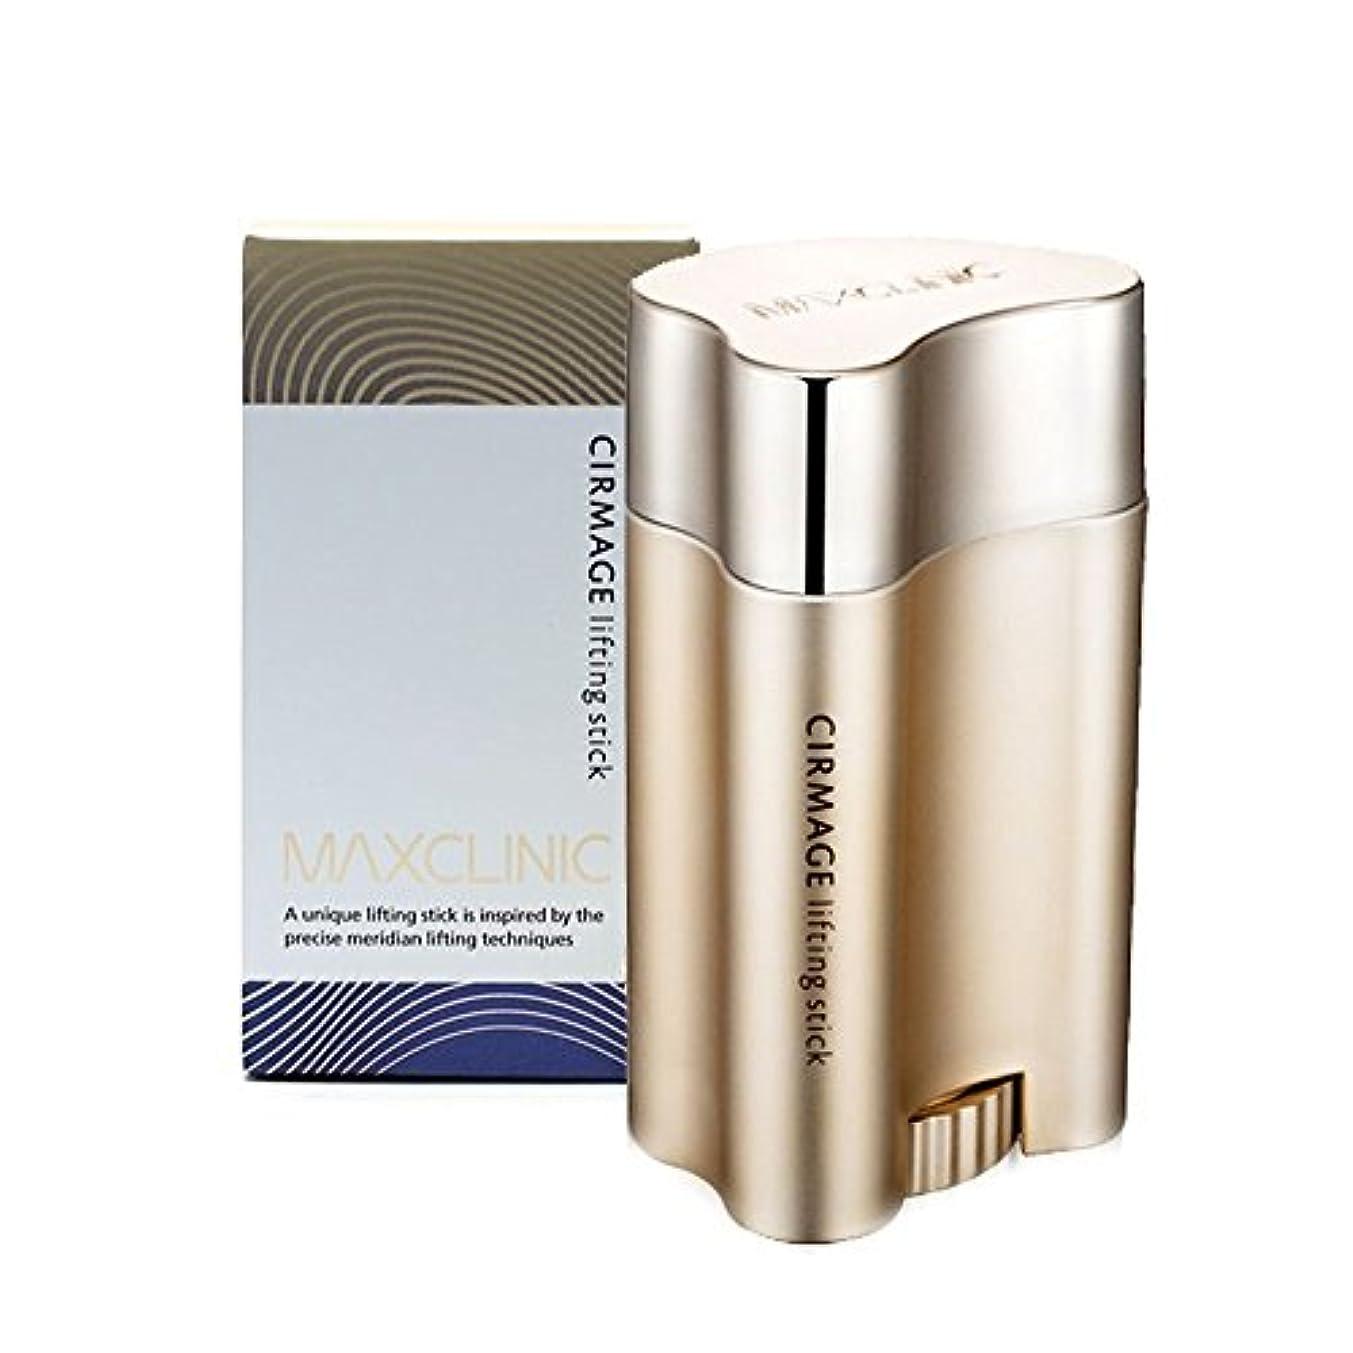 大きいモンキーチップMAXCLINIC マックスクリニック サーメージ リフティング スティック 23g(Cirmage Lifting Stick 23g)/Direct from Korea/w free Gift Sample [並行輸入品]